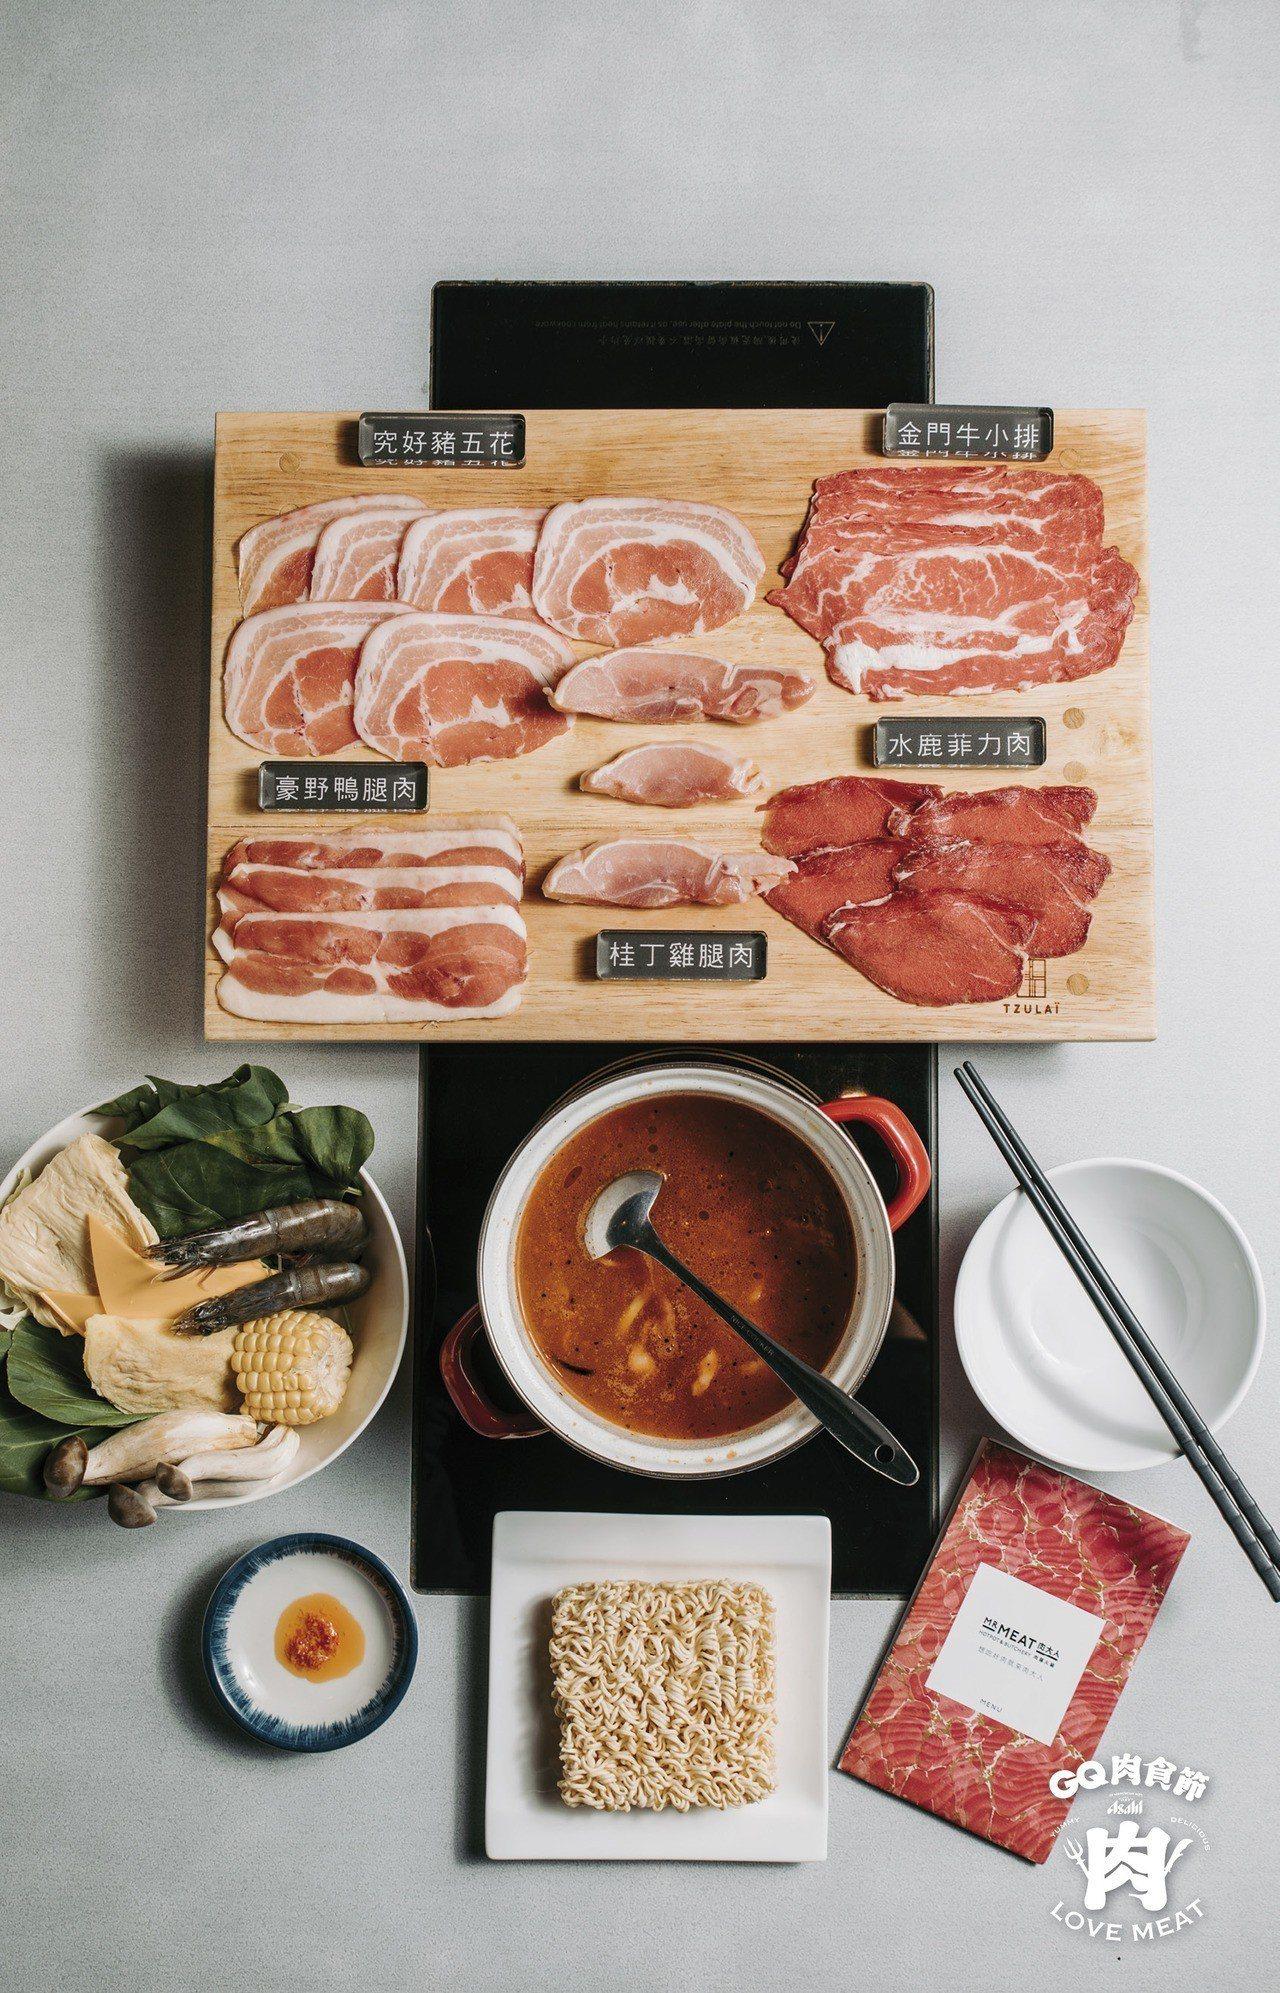 肉大人MrMeat 肉舖火鍋─台灣好!套餐。圖/GQ提供